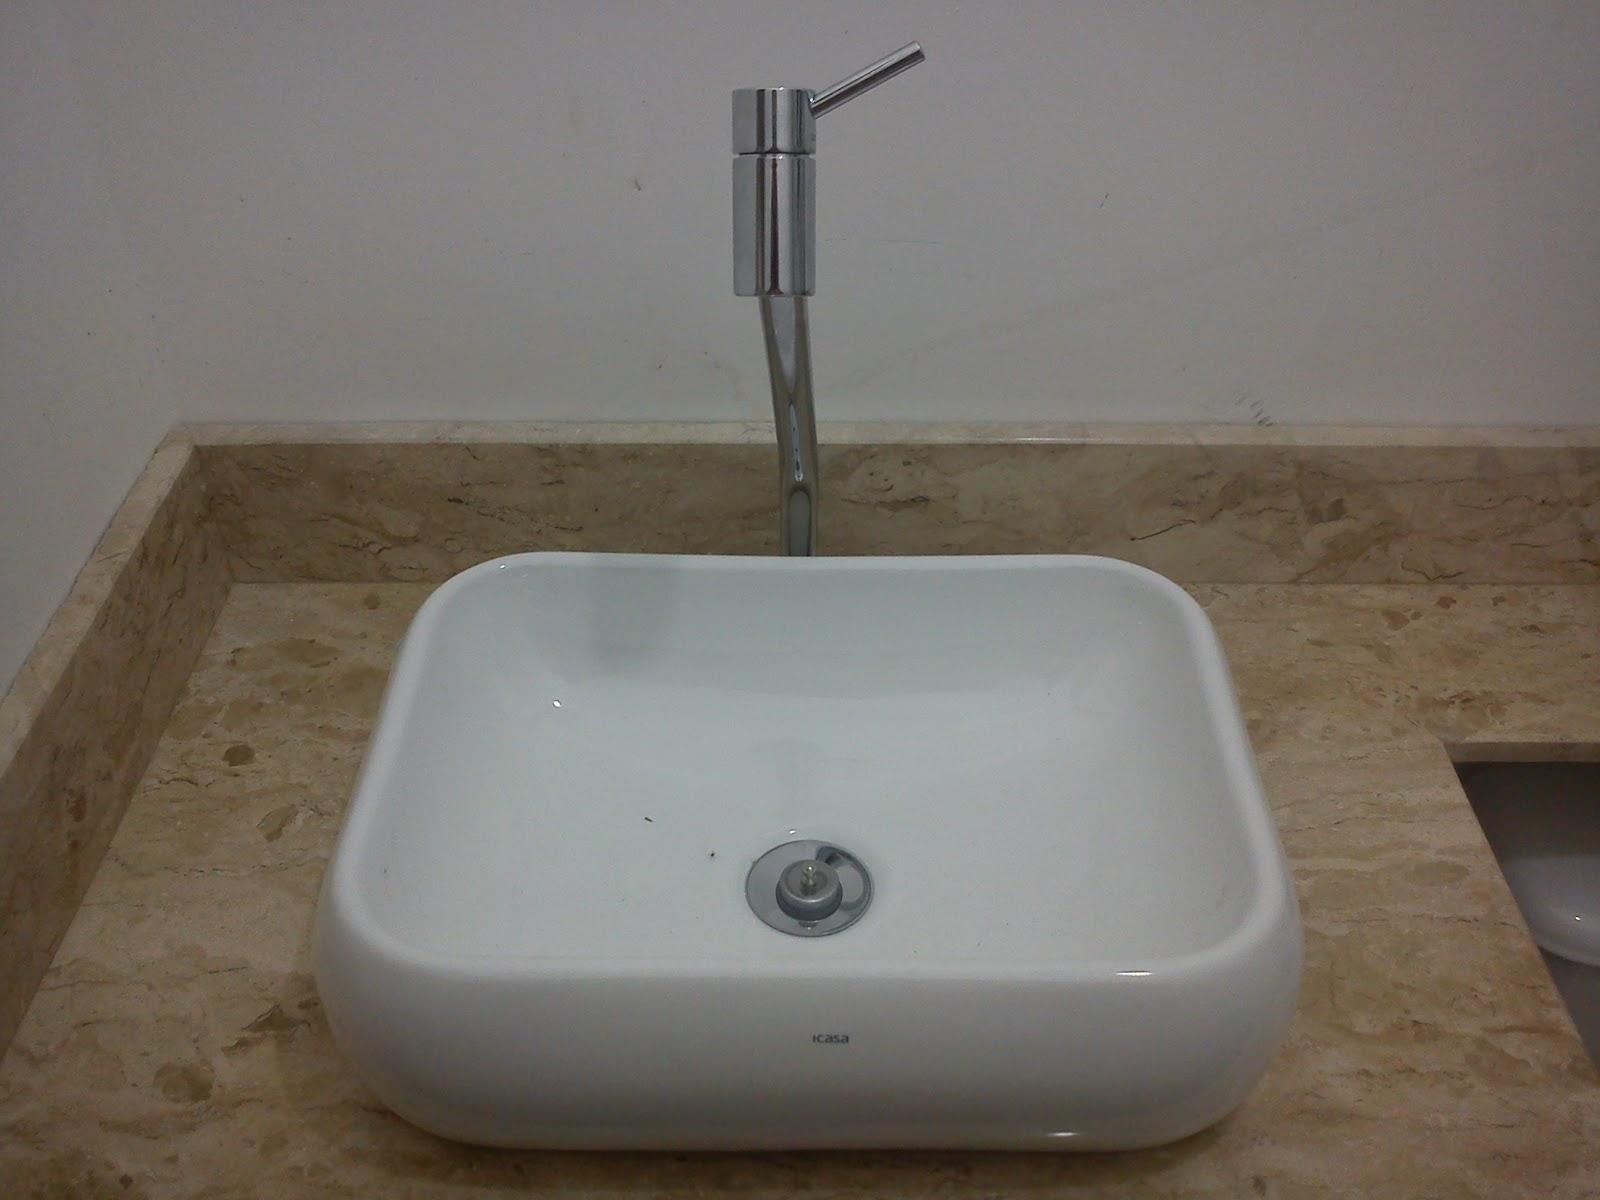 Villa Flora 81 Pia dos banheiros e torneiras -> Pia De Marmore Travertino Para Banheiro